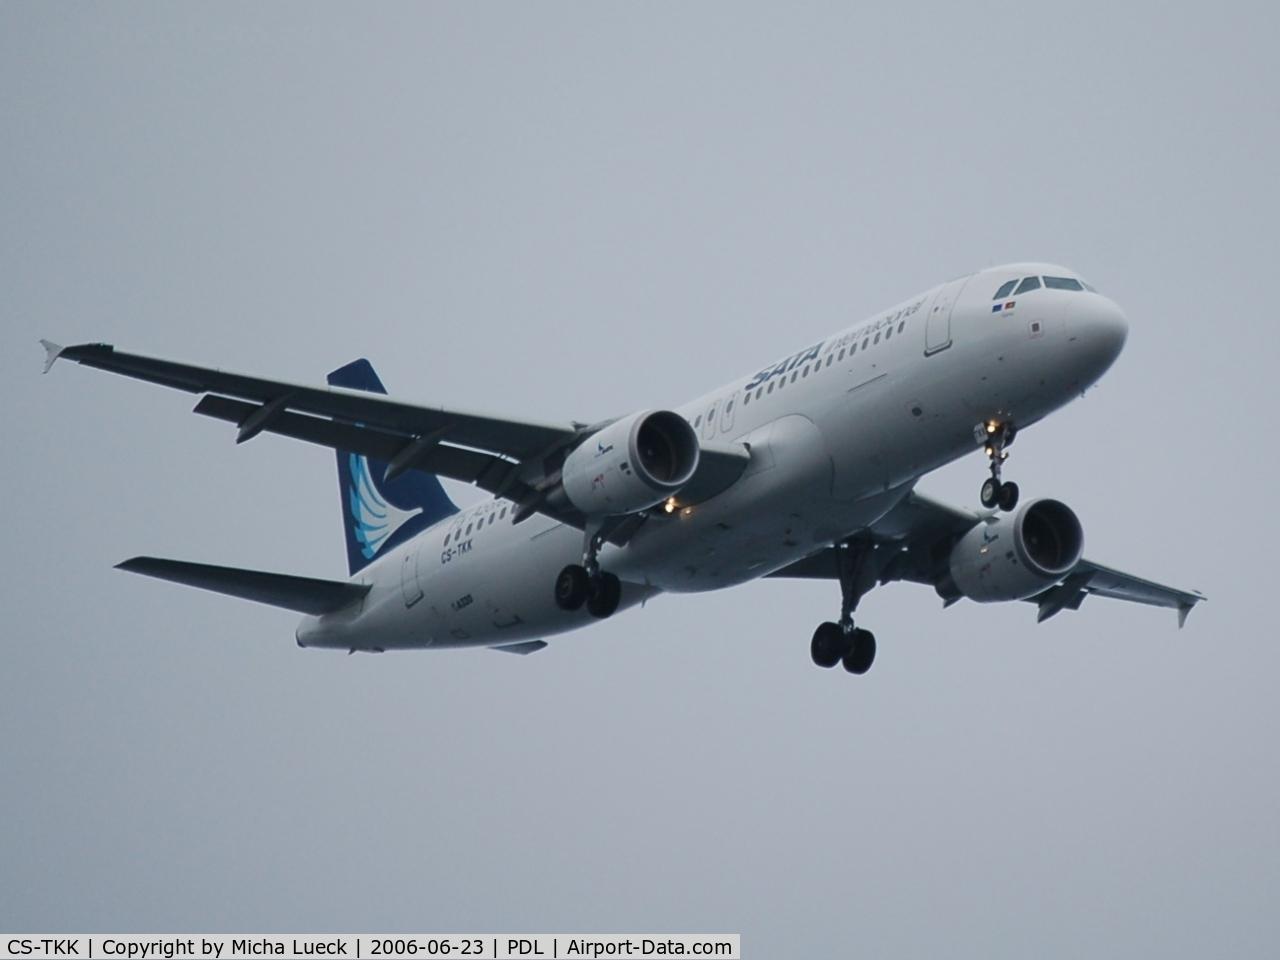 CS-TKK, 2005 Airbus A320-214 C/N 2390, On finals at Ponta Delgada/Azores